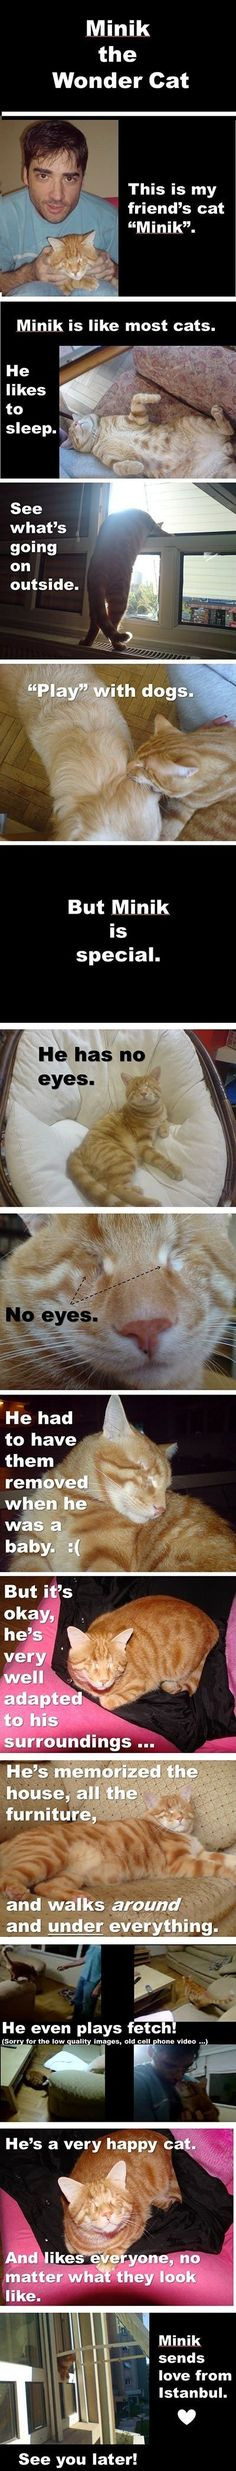 Minik the Wonder Cat. Cute story!